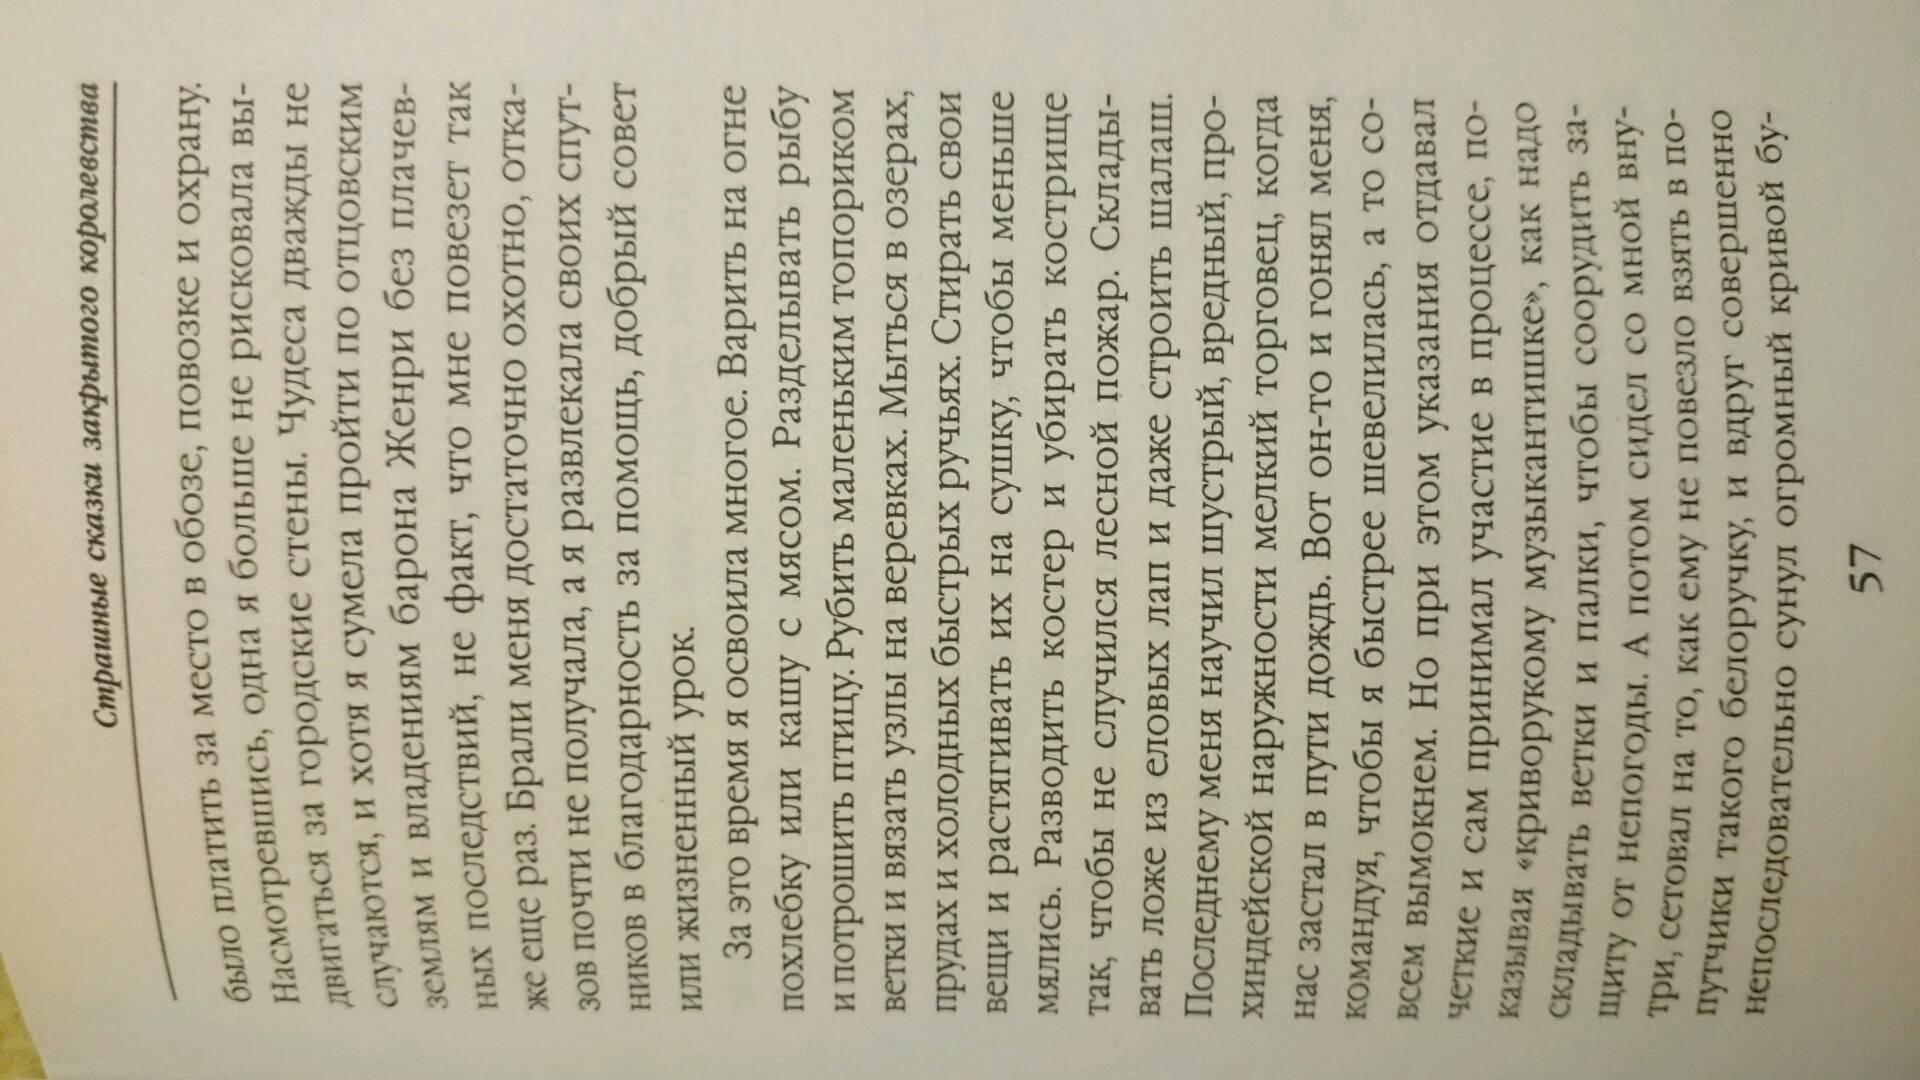 Иллюстрация 28 из 35 для Струны волшебства. Книга 1. Страшные сказки закрытого королевства - Милена Завойчинская | Лабиринт - книги. Источник: Лабиринт